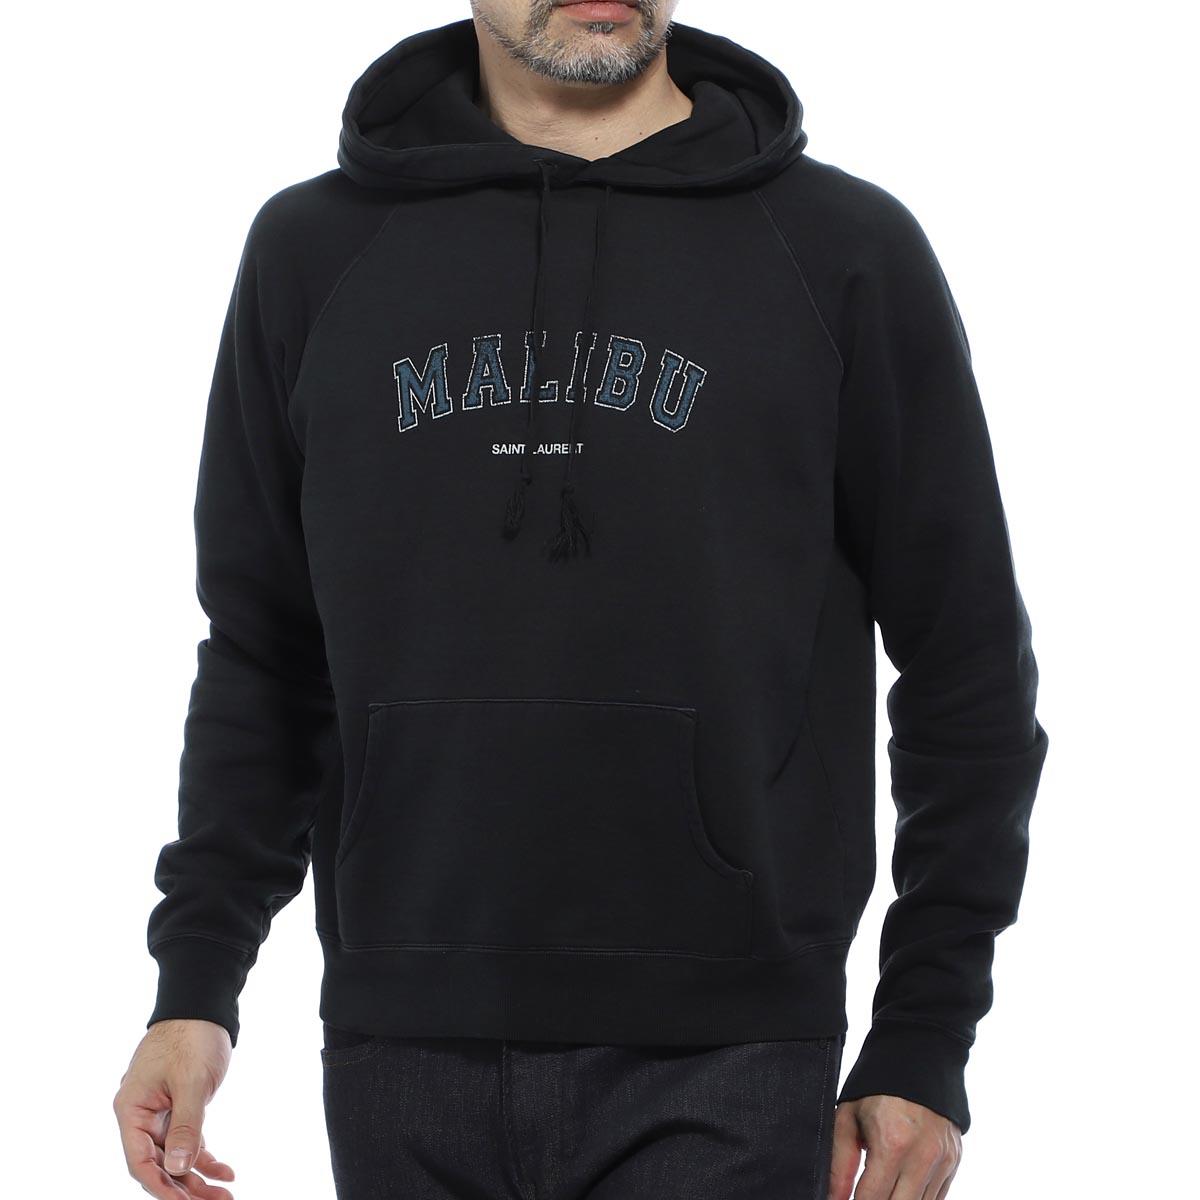 サンローランパリ SAINT LAURENT PARIS パーカ フーディ ブラック メンズ 603281 ybpy2 1050 Saint laurent malibu print sweatshirt【あす楽対応_関東】【返品送料無料】【ラッピング無料】